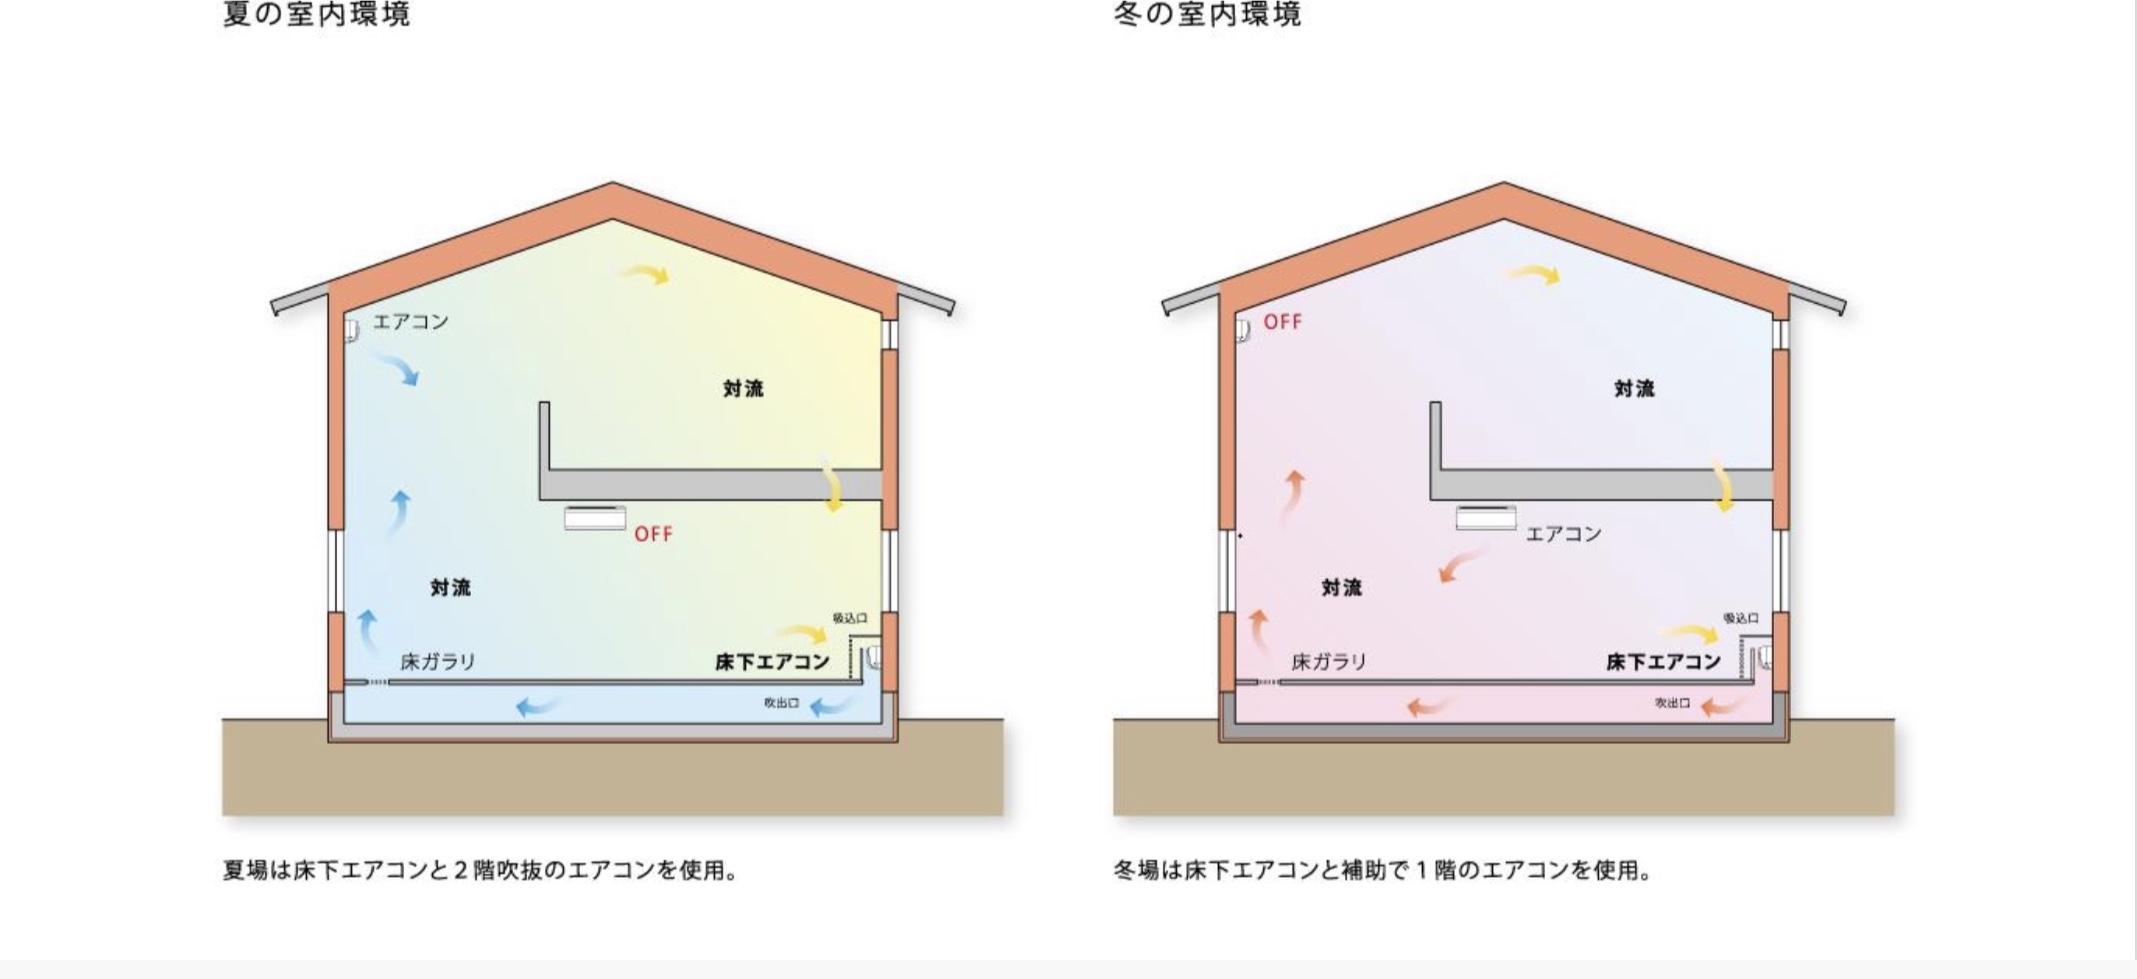 床下エアコンと全館空調の写真